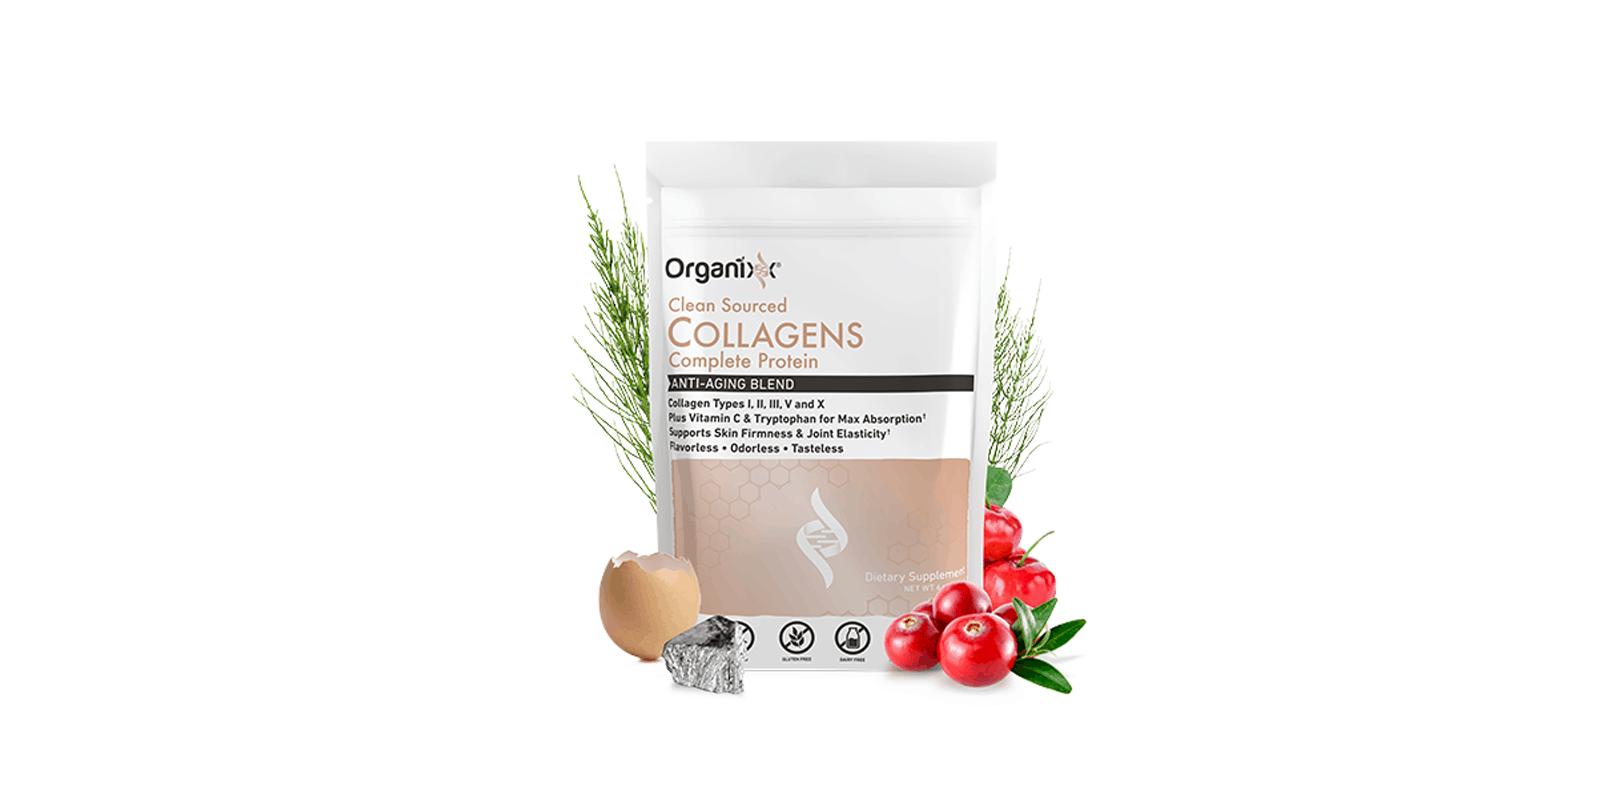 Organixx Collagen ingredients